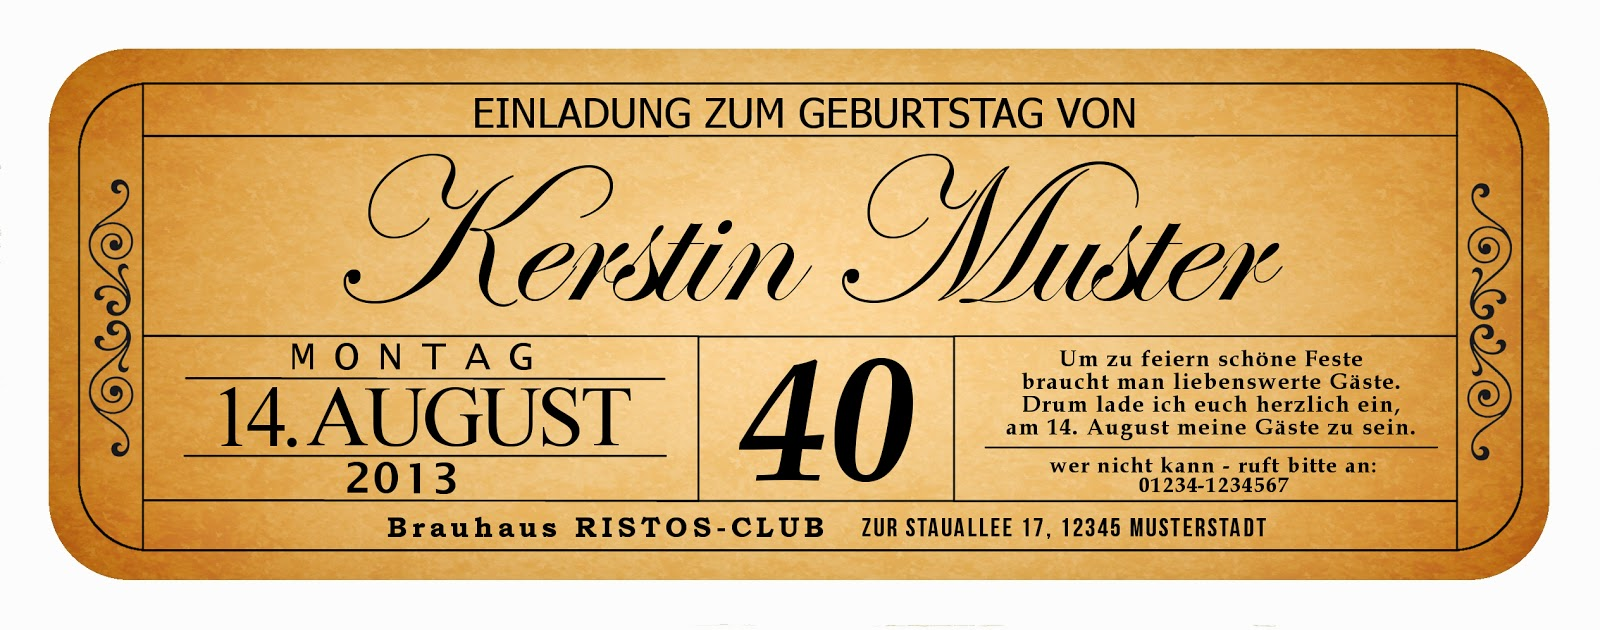 Einladung 43. Geburtstag : 43 - Einladungskarten Vip Ticket